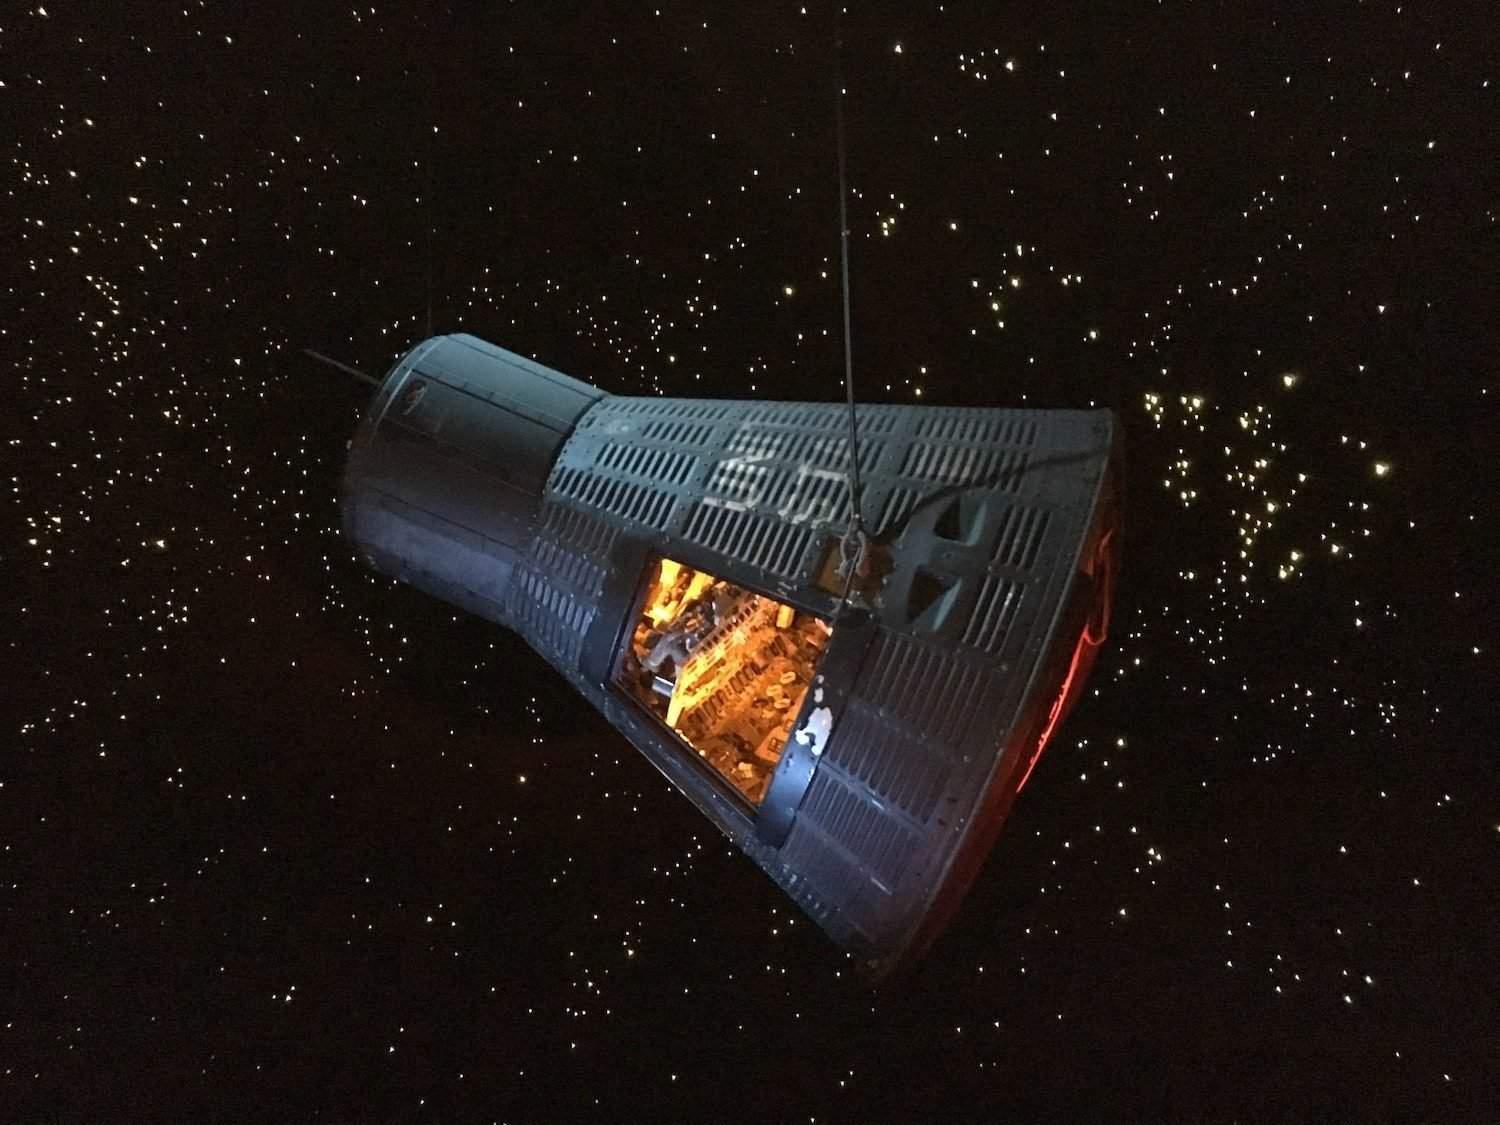 Mercury Capsule at Space Center Houston